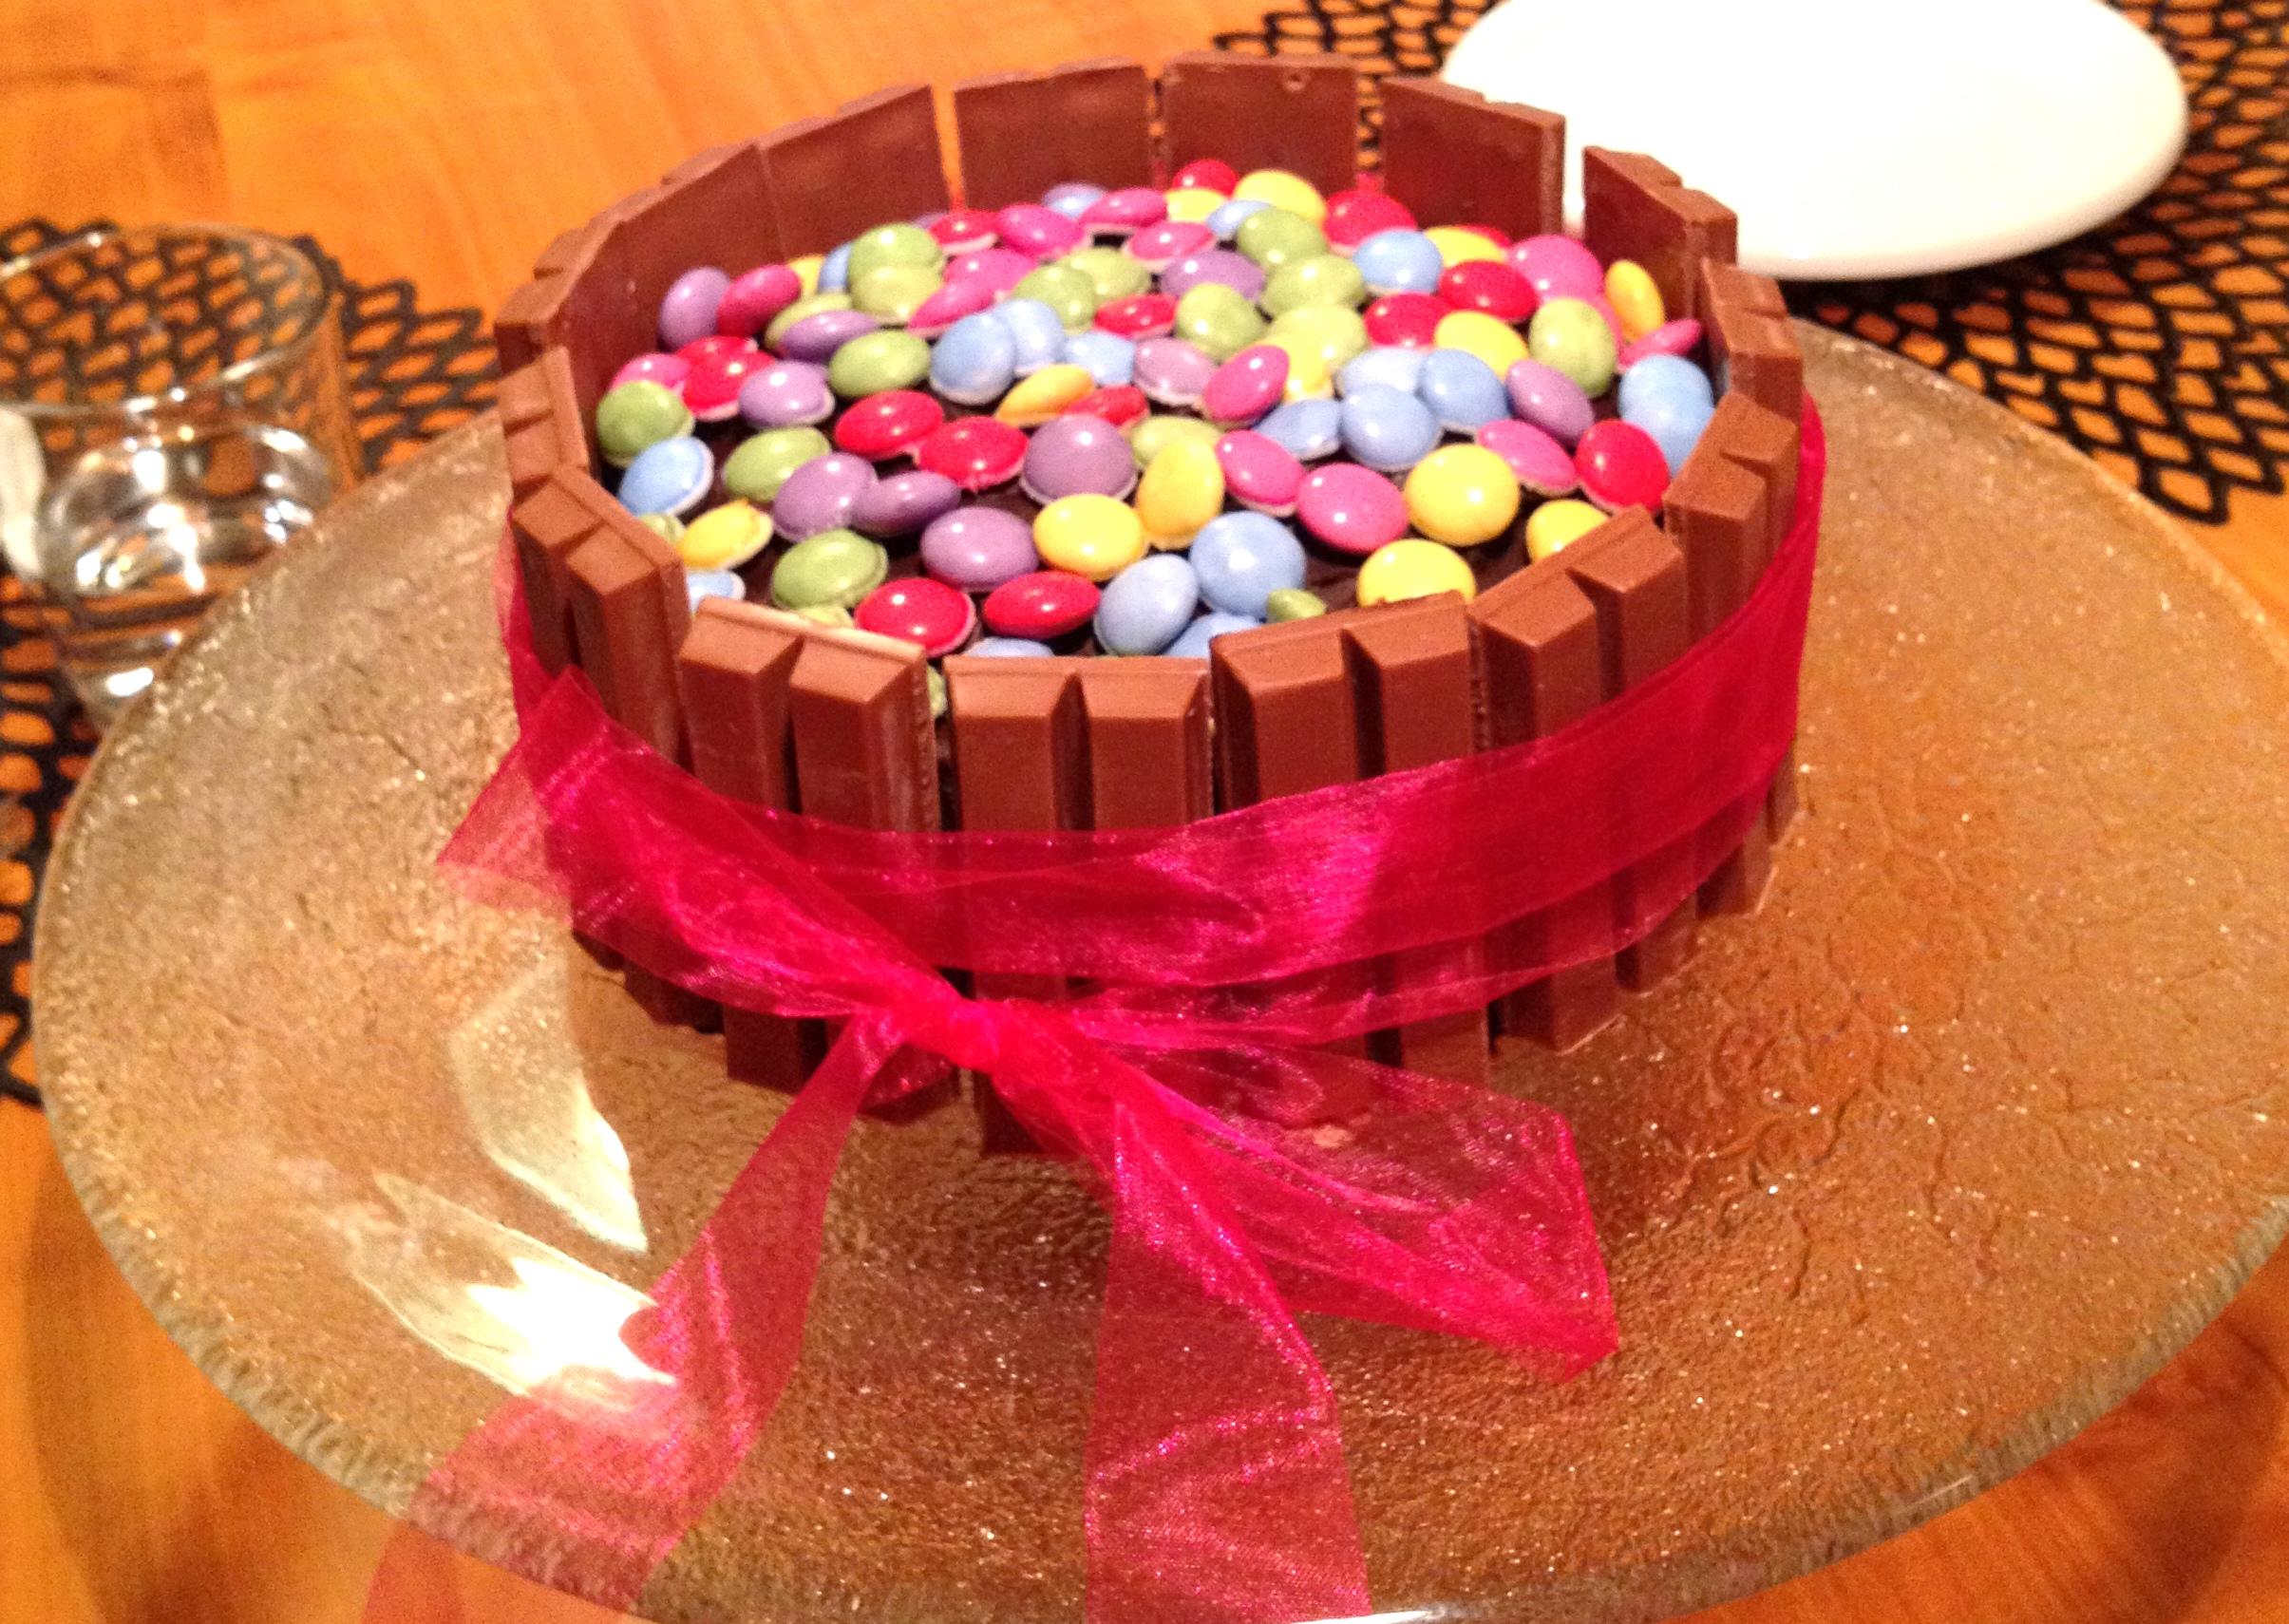 Schoko kuchen dekorieren appetitlich foto blog f r sie - Kuchen dekorieren ...